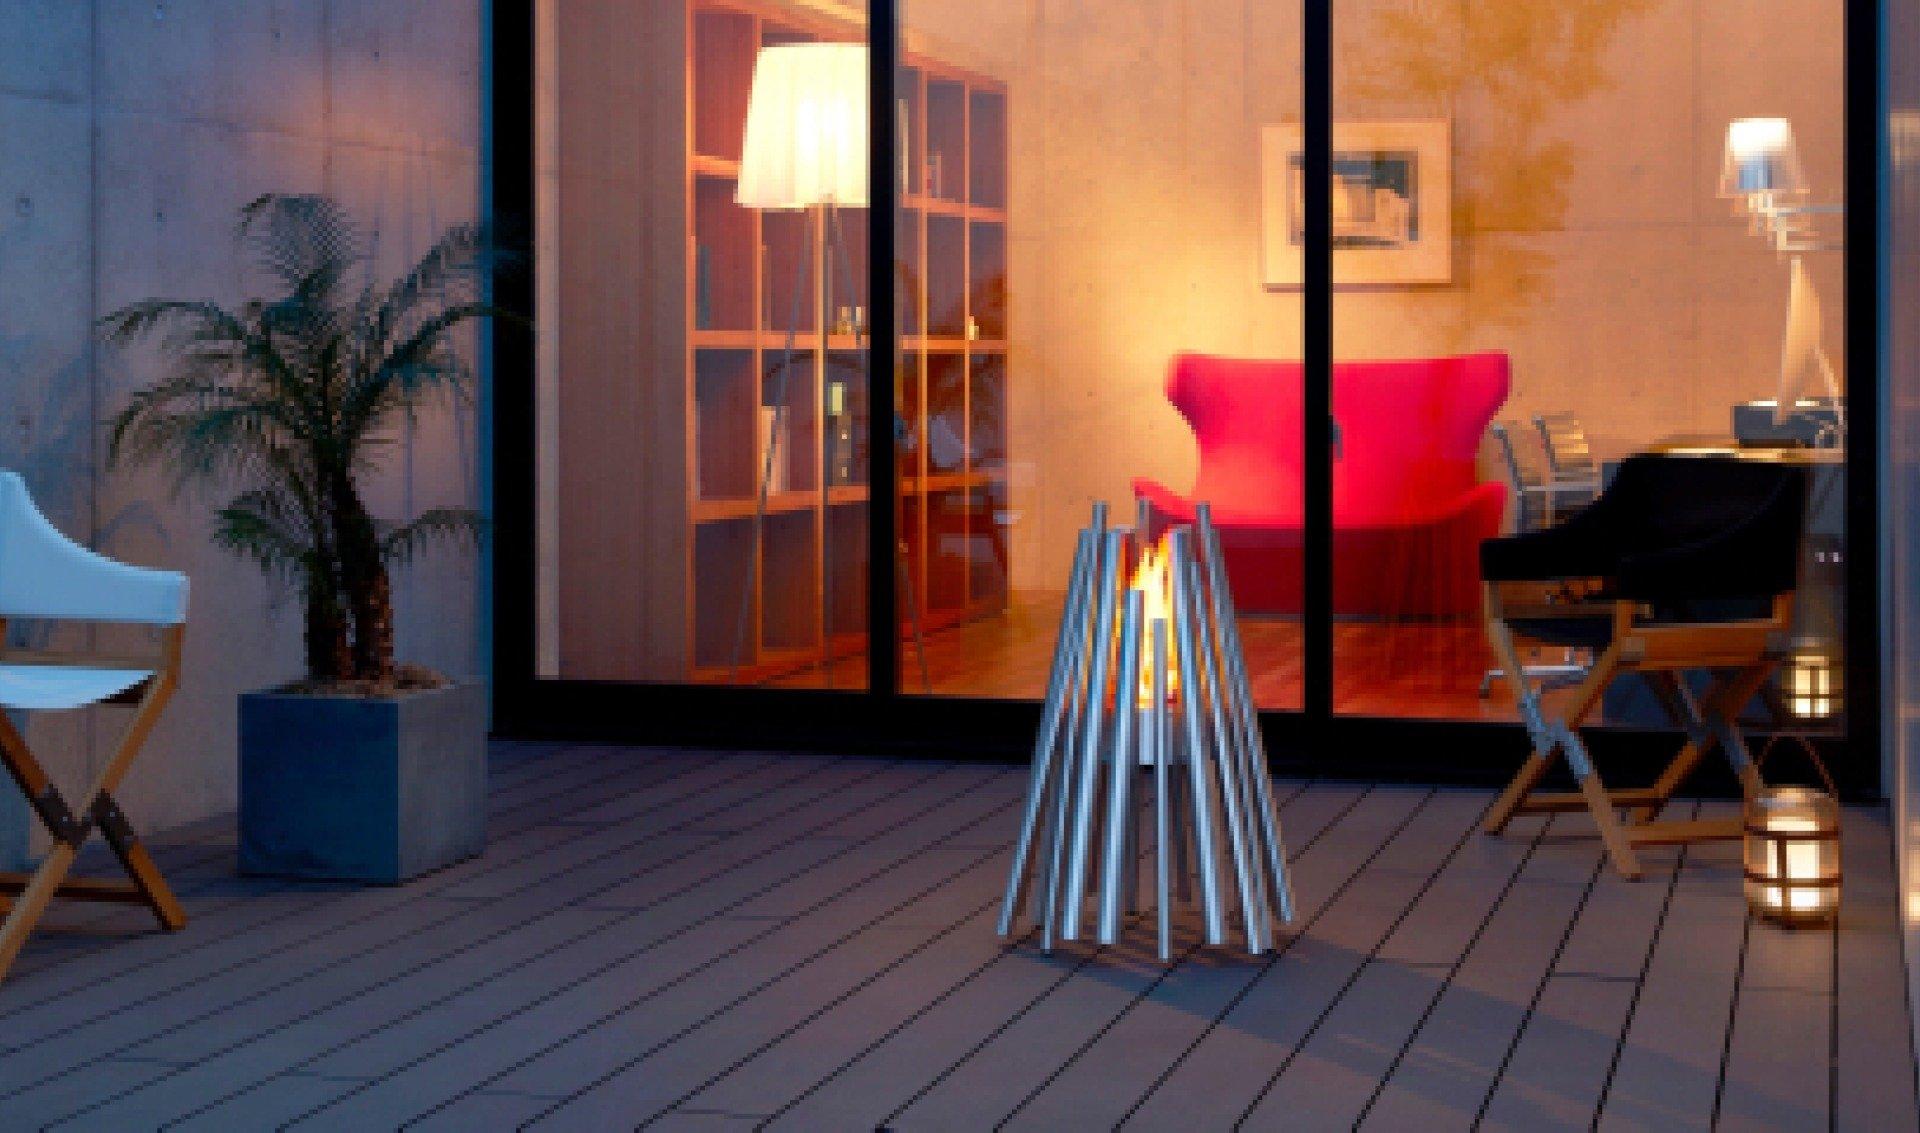 005-Stix-stainless-steel-outdoor-residential-patio-deck-night-hz.jpg